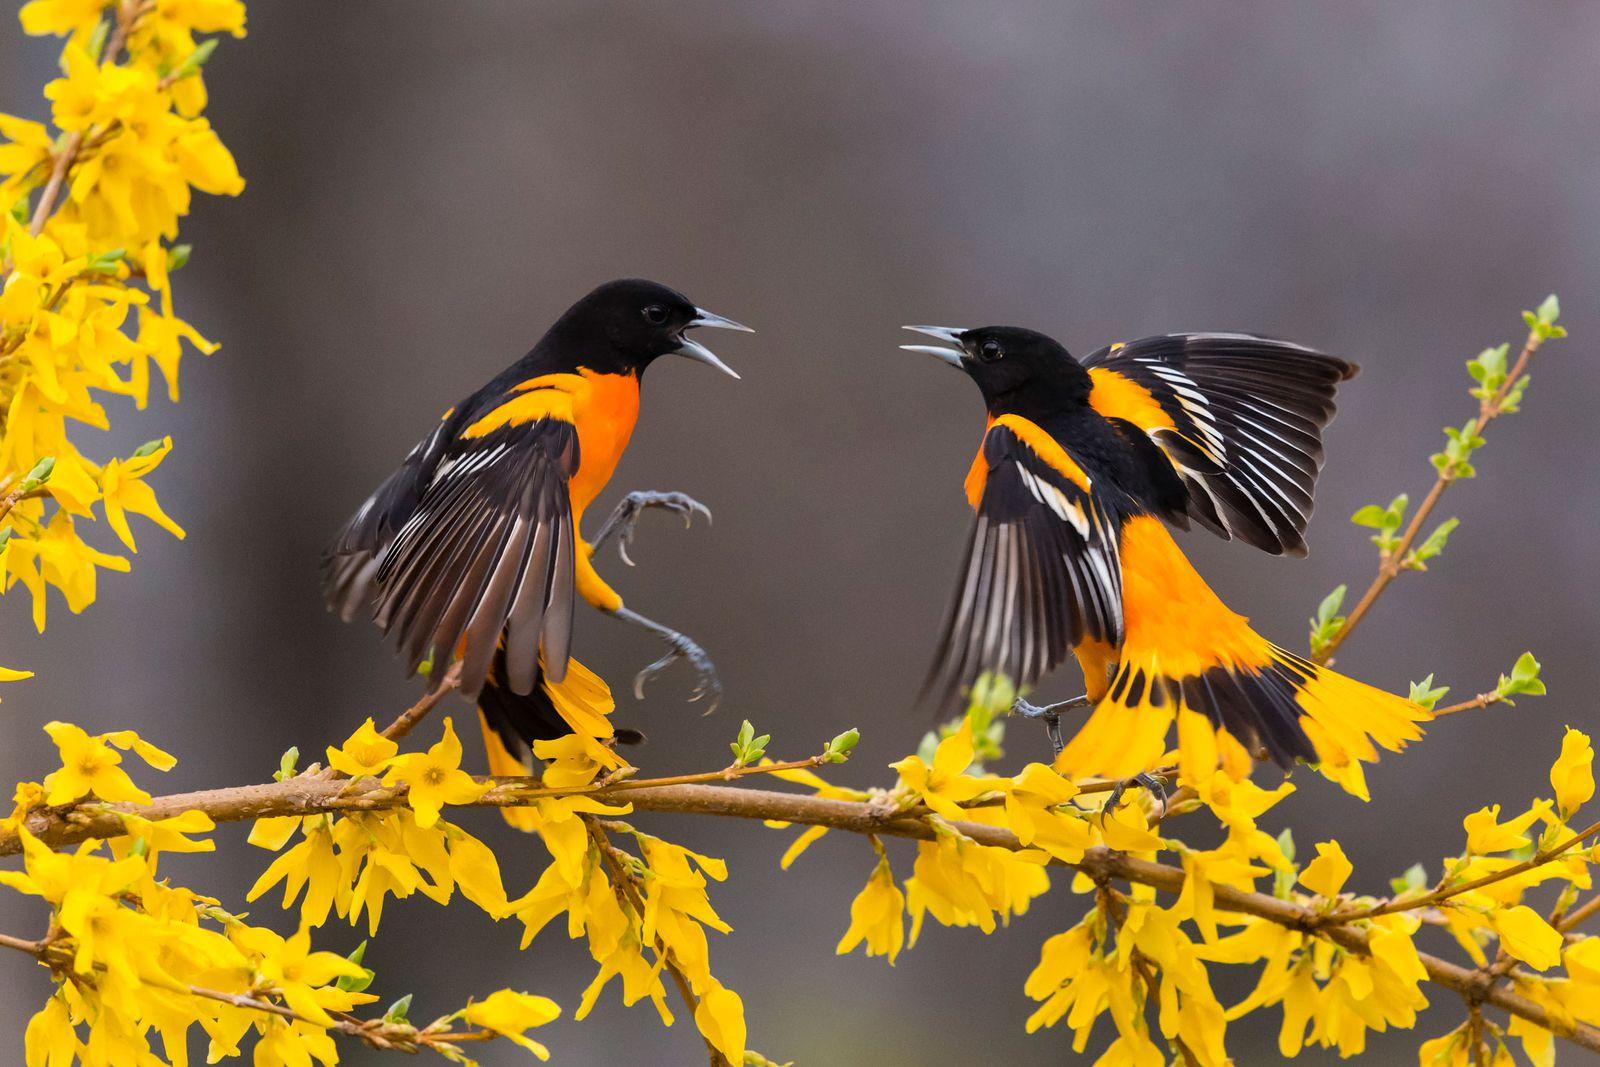 آلودگی نوری و صوتی میتواند تاثیرات عمیقی بر تولیدمثل پرندگان داشته باشد